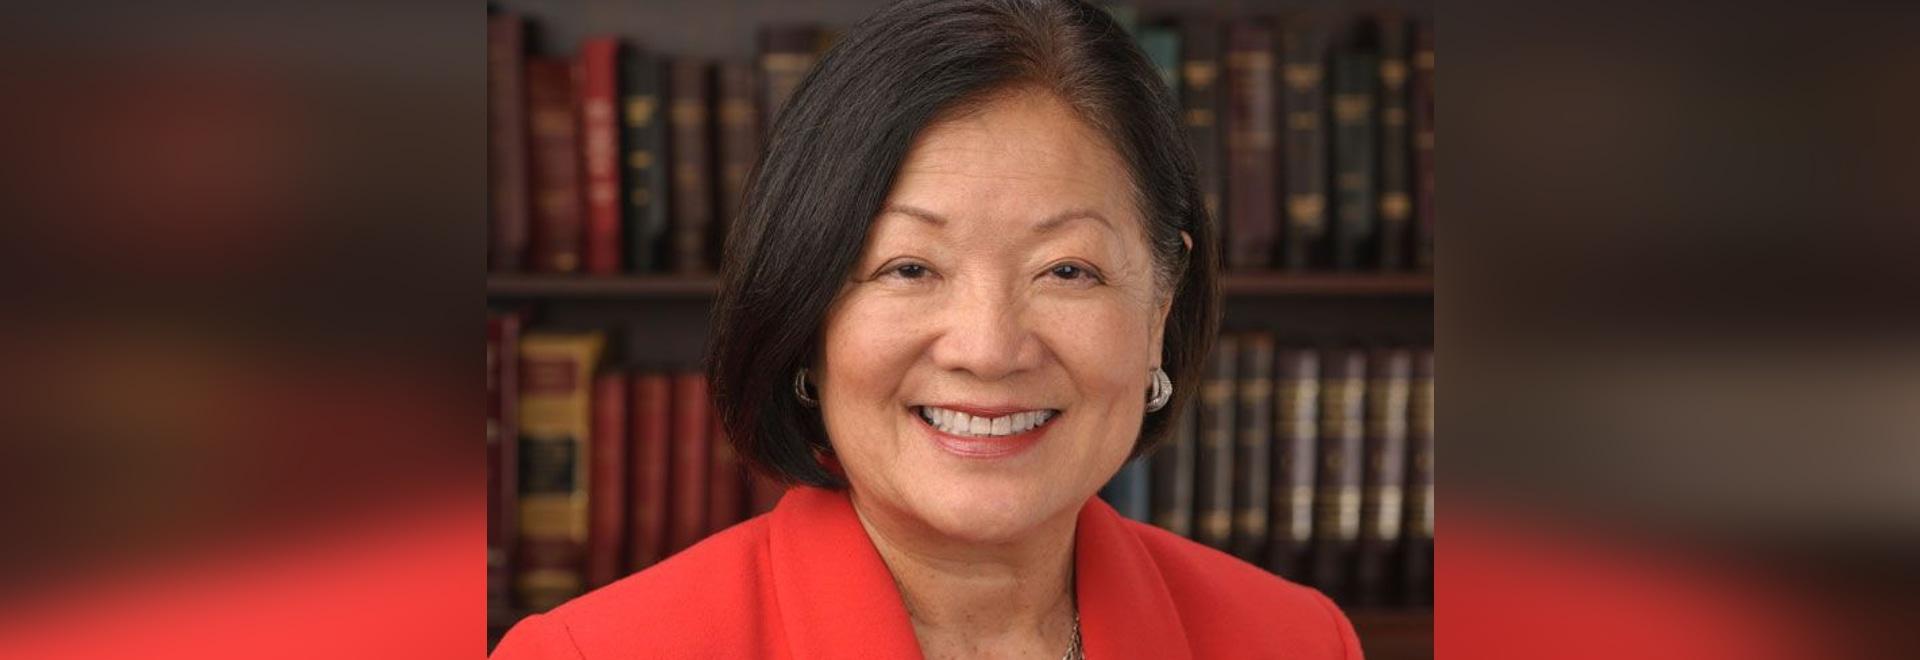 U.S. Senator Mazie Hirono (D-HI)